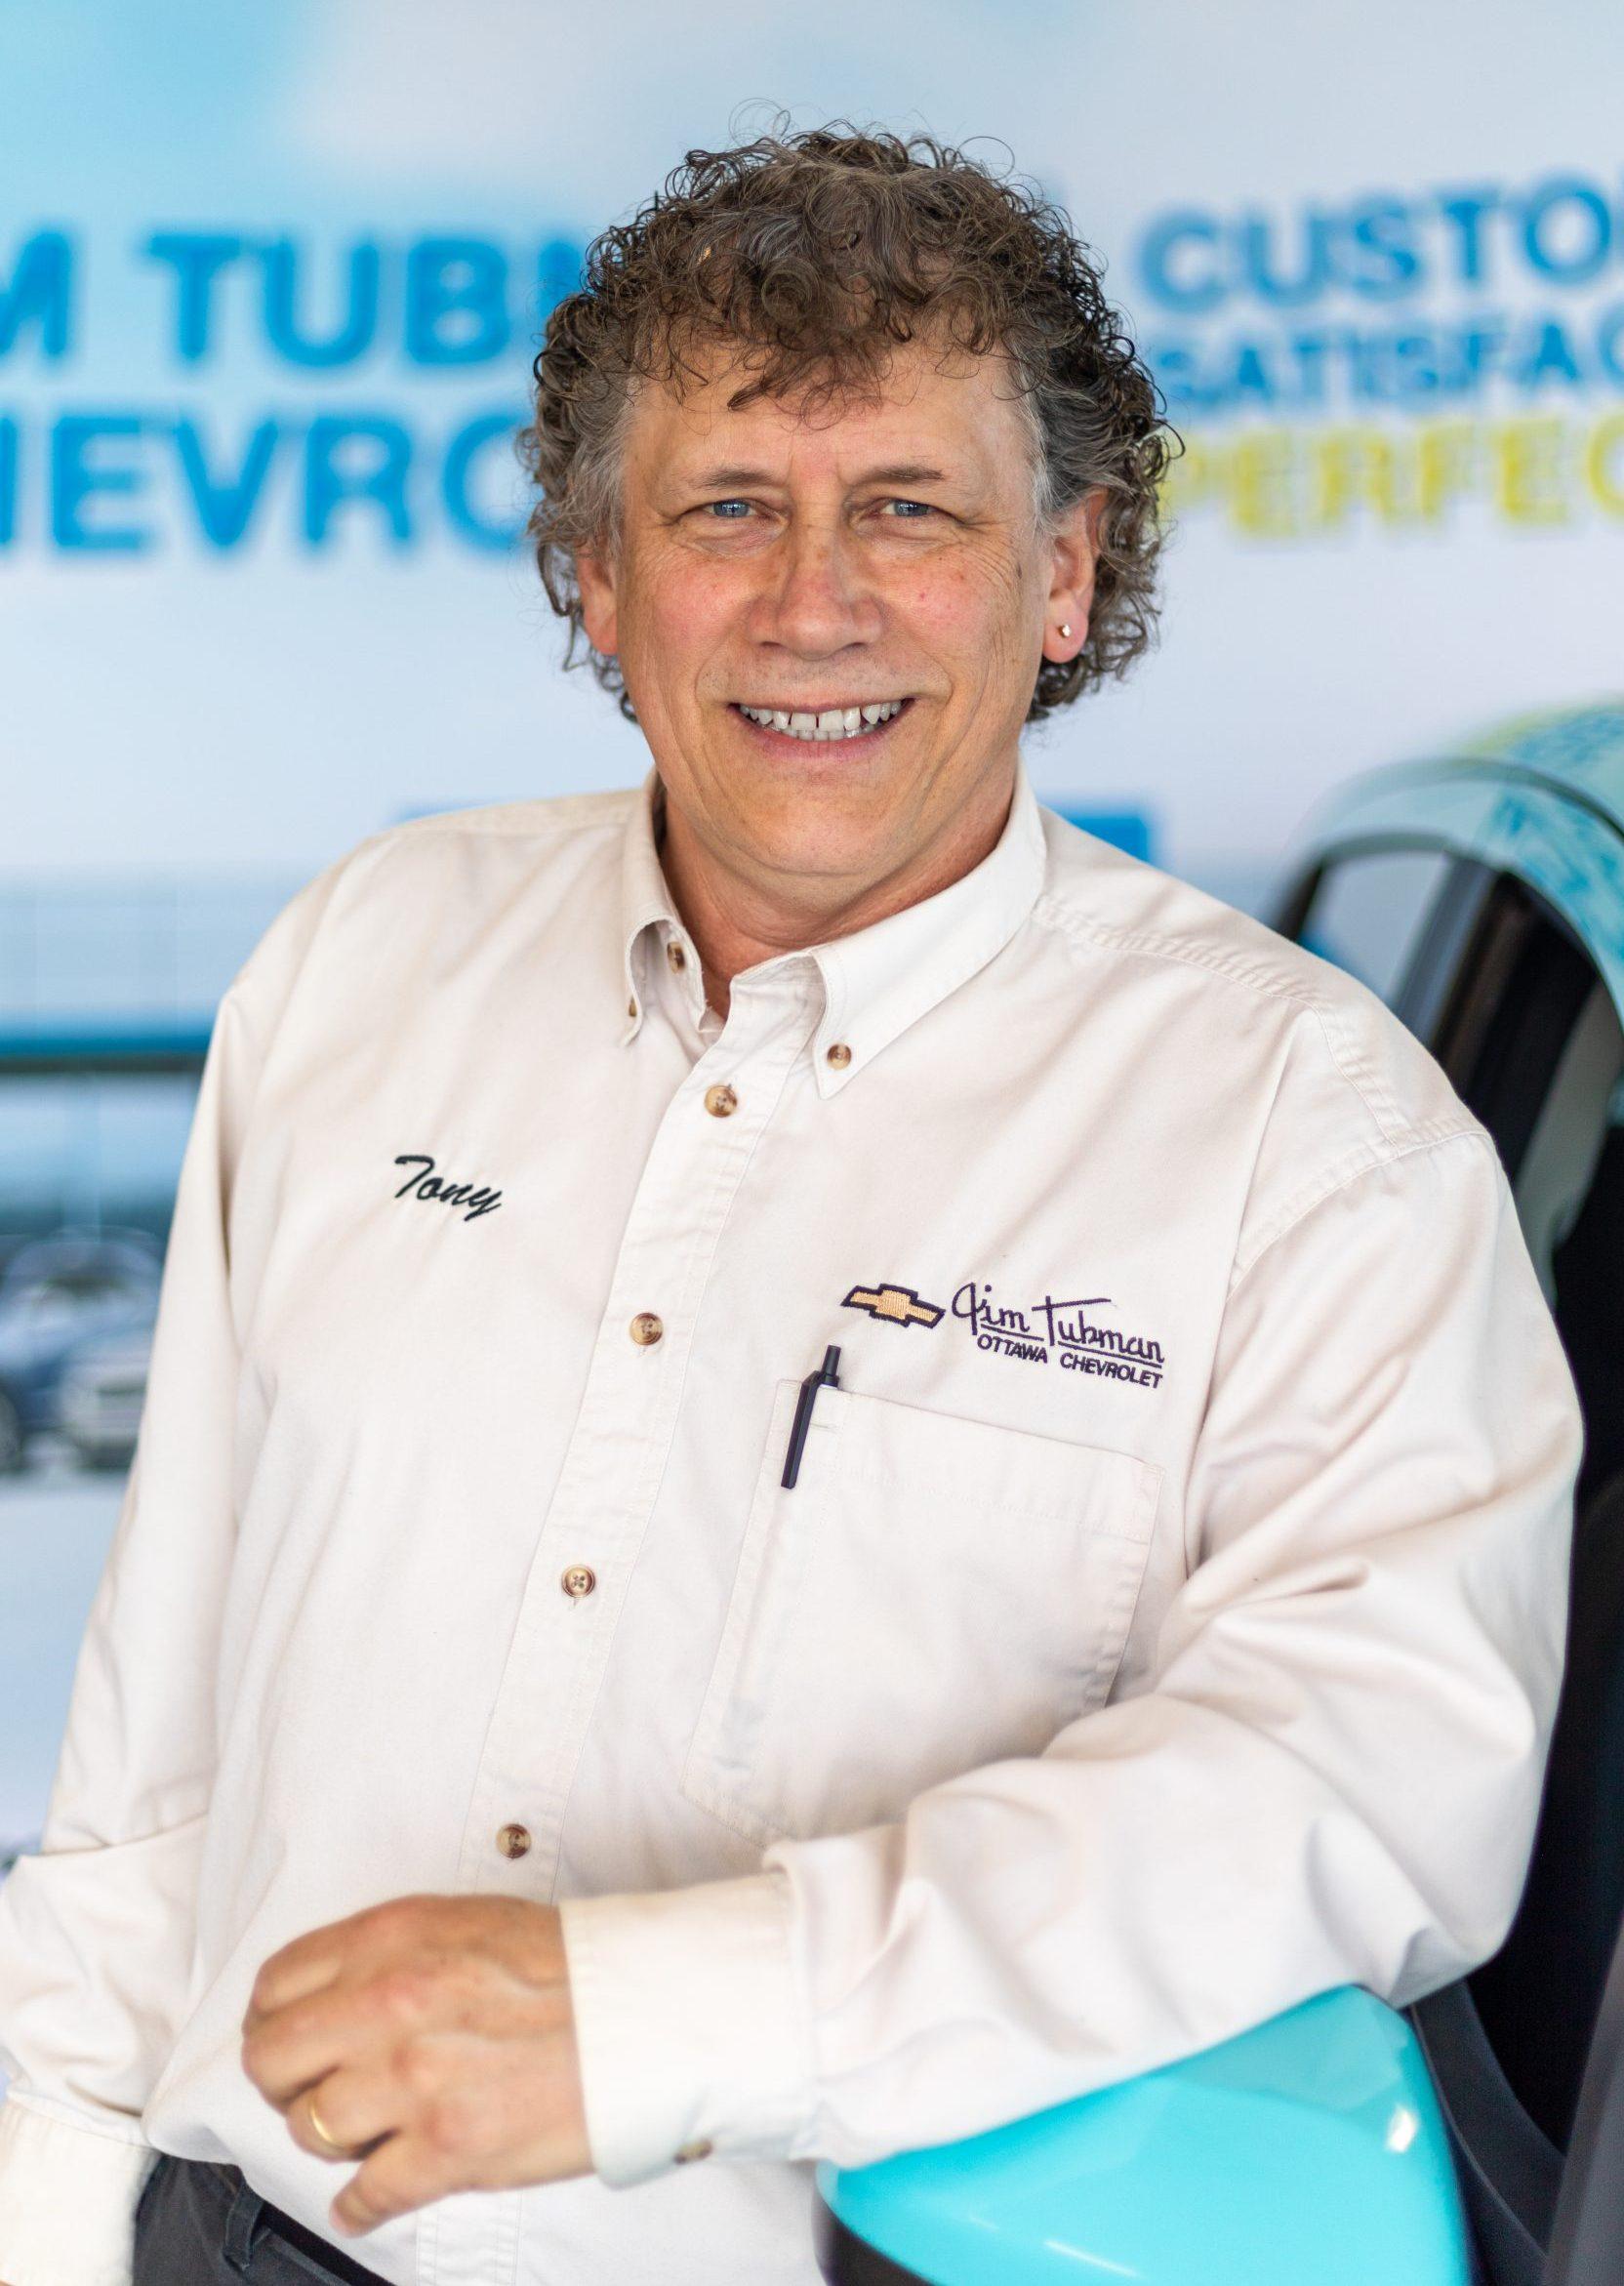 Tony Ventura